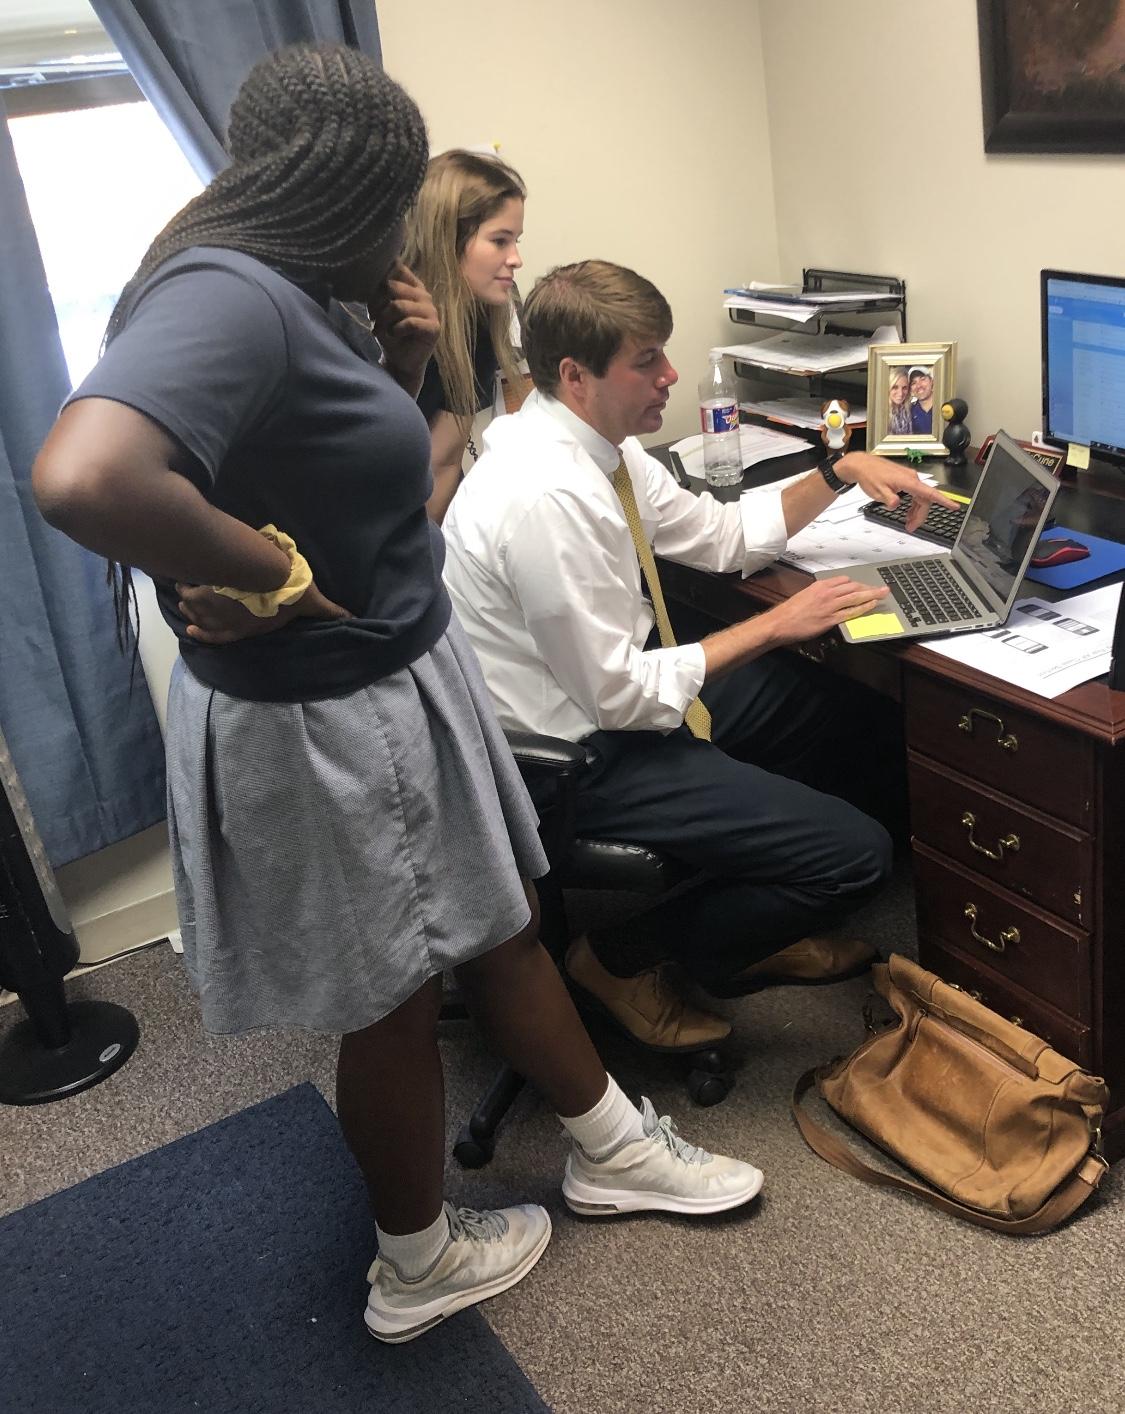 Upper School Academic Dean Matt McCune helps two students in his office.